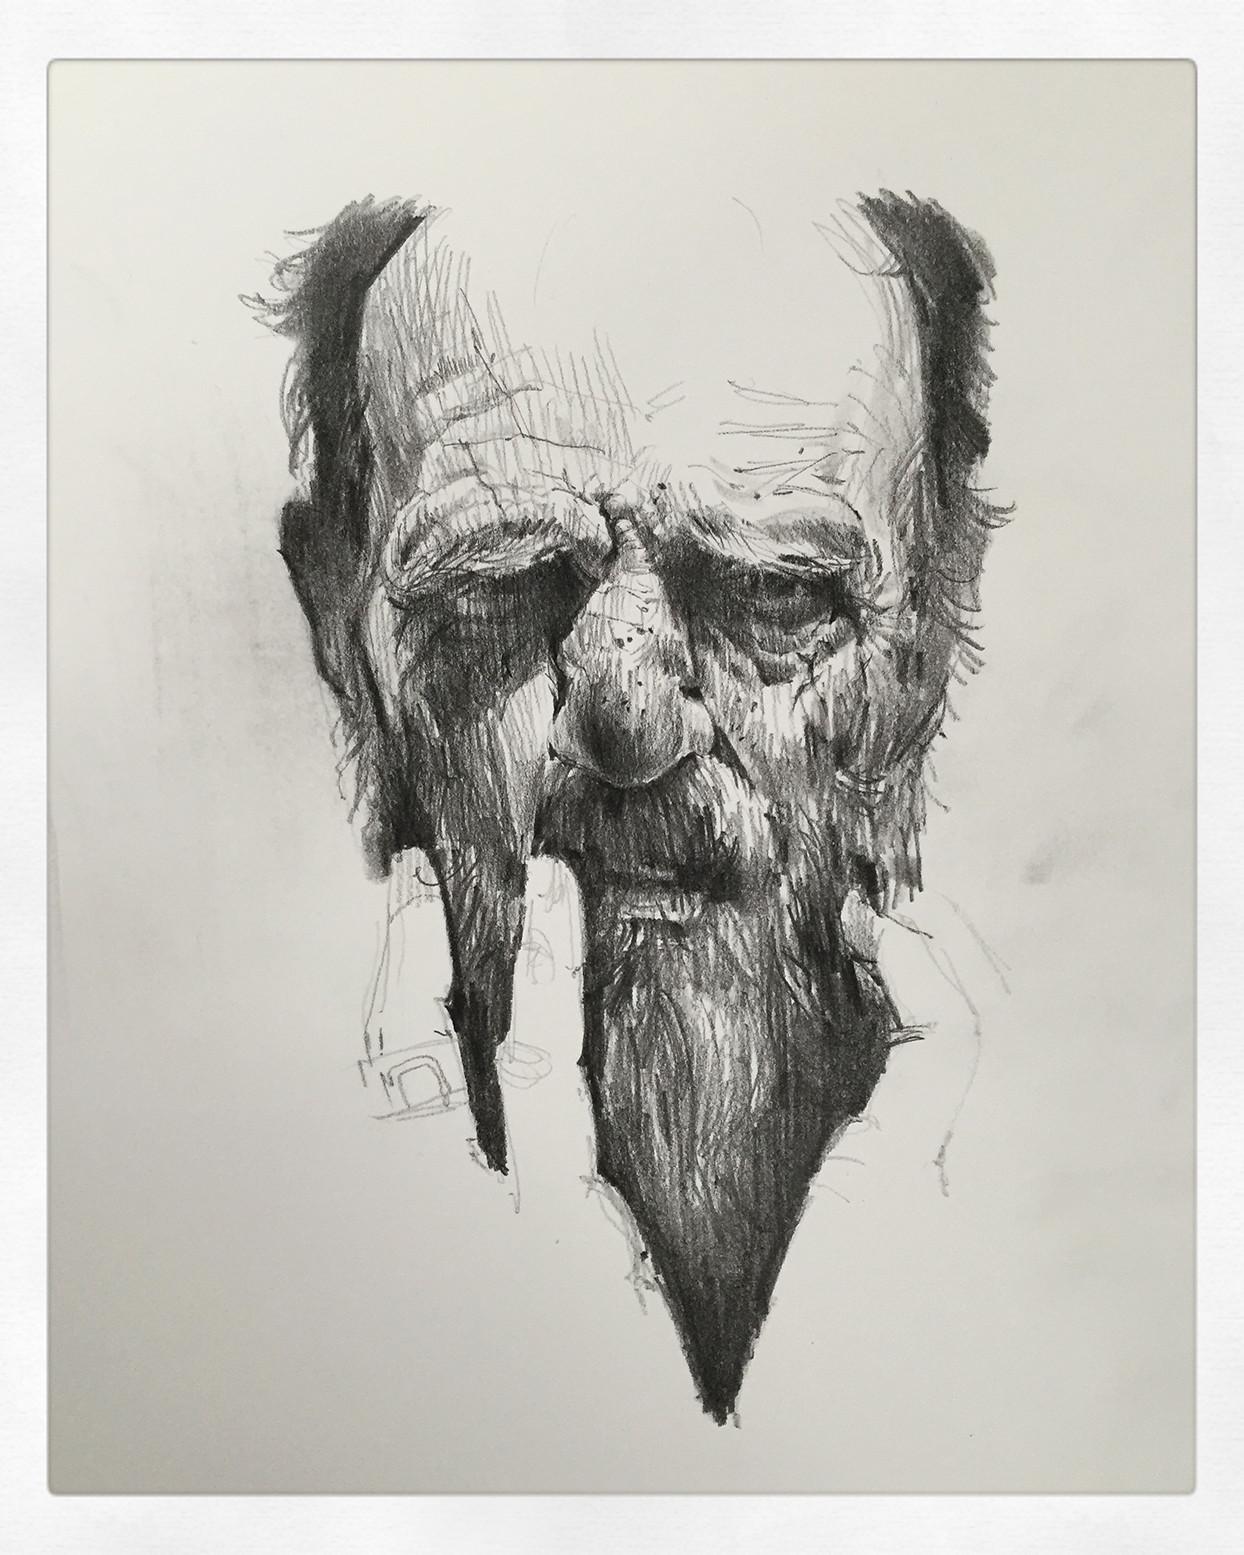 Andrei riabovitchev head study